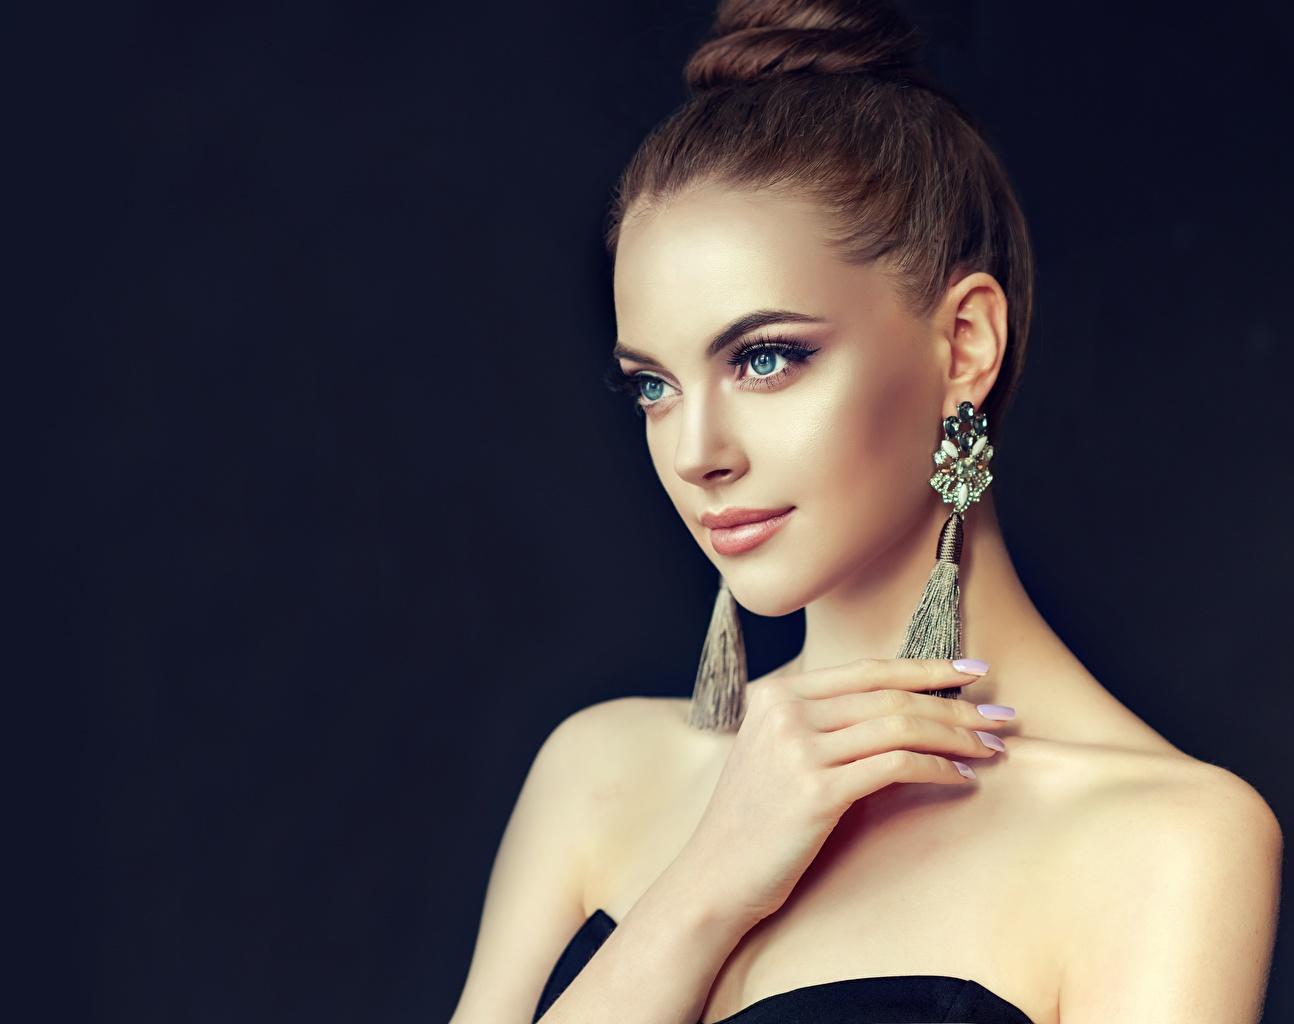 Картинки шатенки Макияж молодые женщины Серьги смотрит Цветной фон Шатенка мейкап косметика на лице девушка Девушки молодая женщина серег Взгляд смотрят